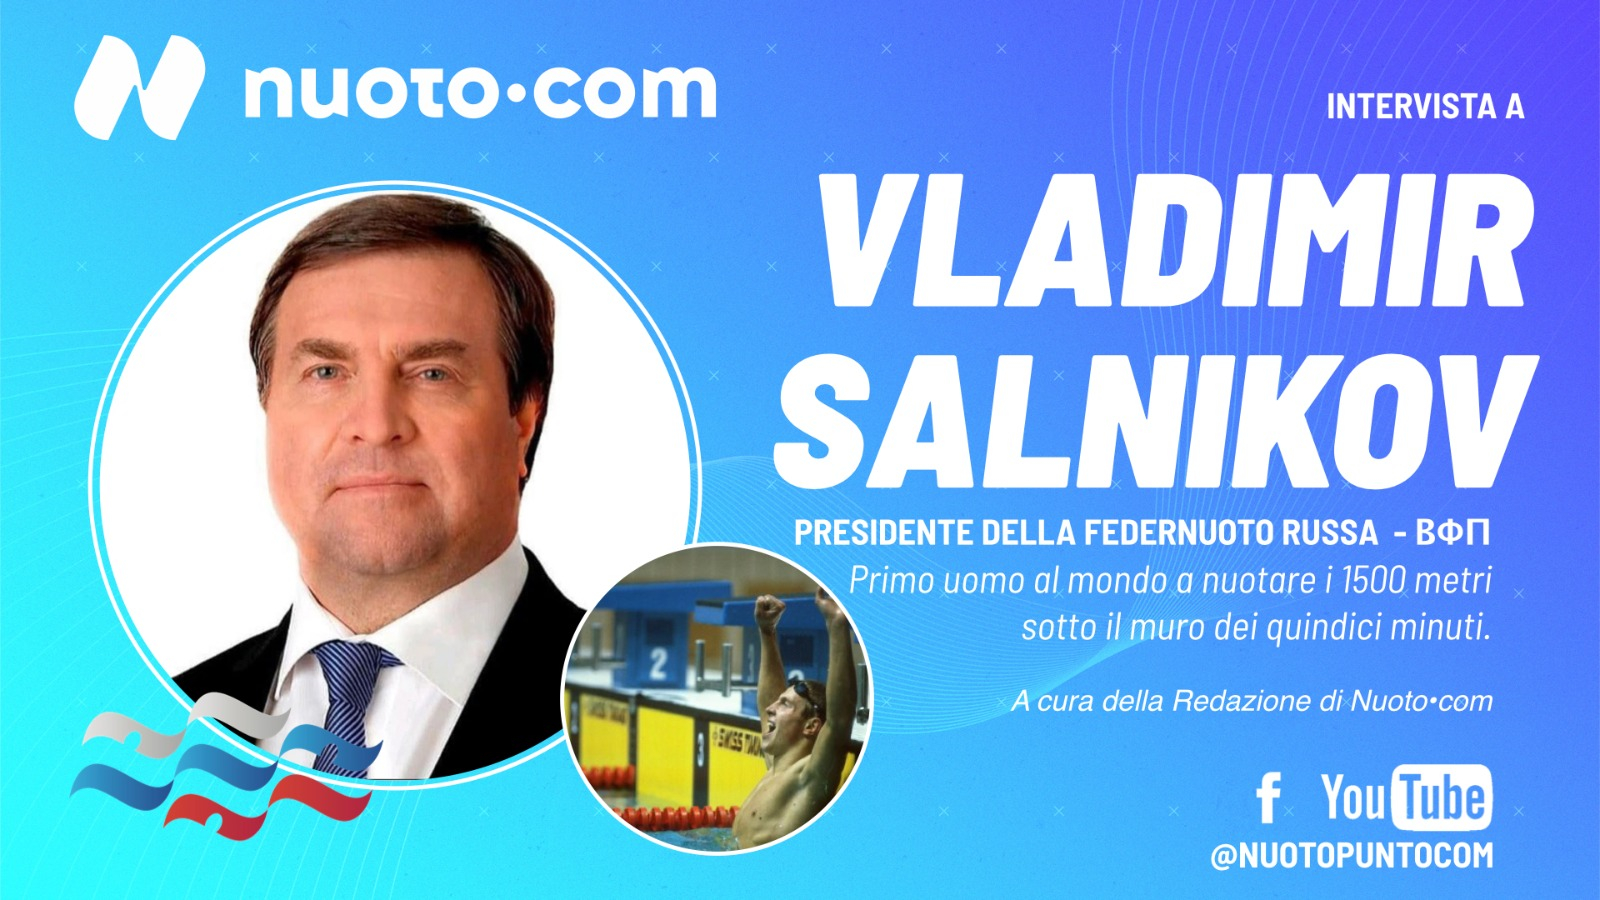 In arrivo l'intervista video a Vladimir Salnikov